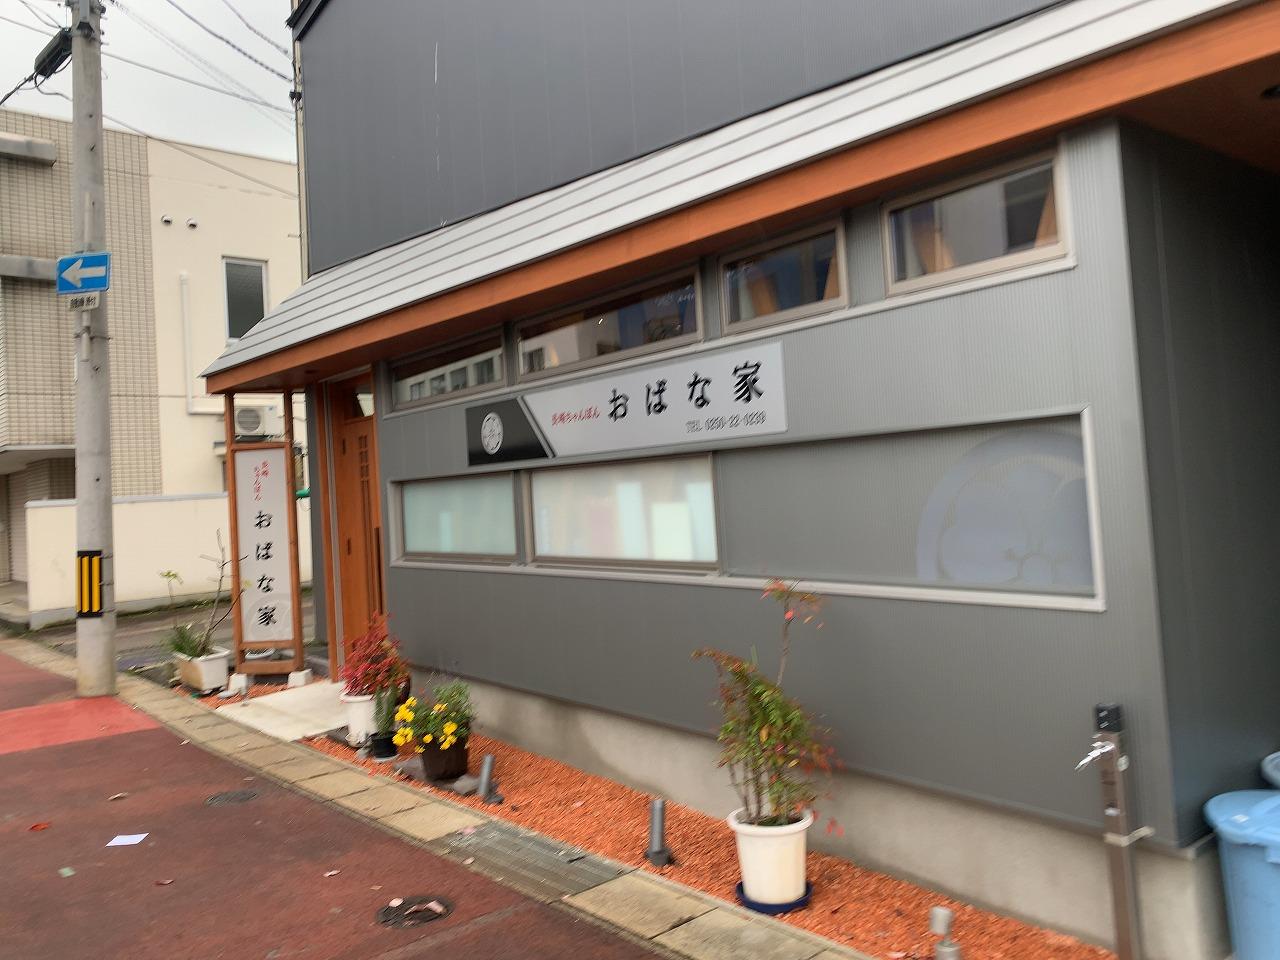 新潟市秋葉区 おばな家 本店 味噌ちゃんぽん